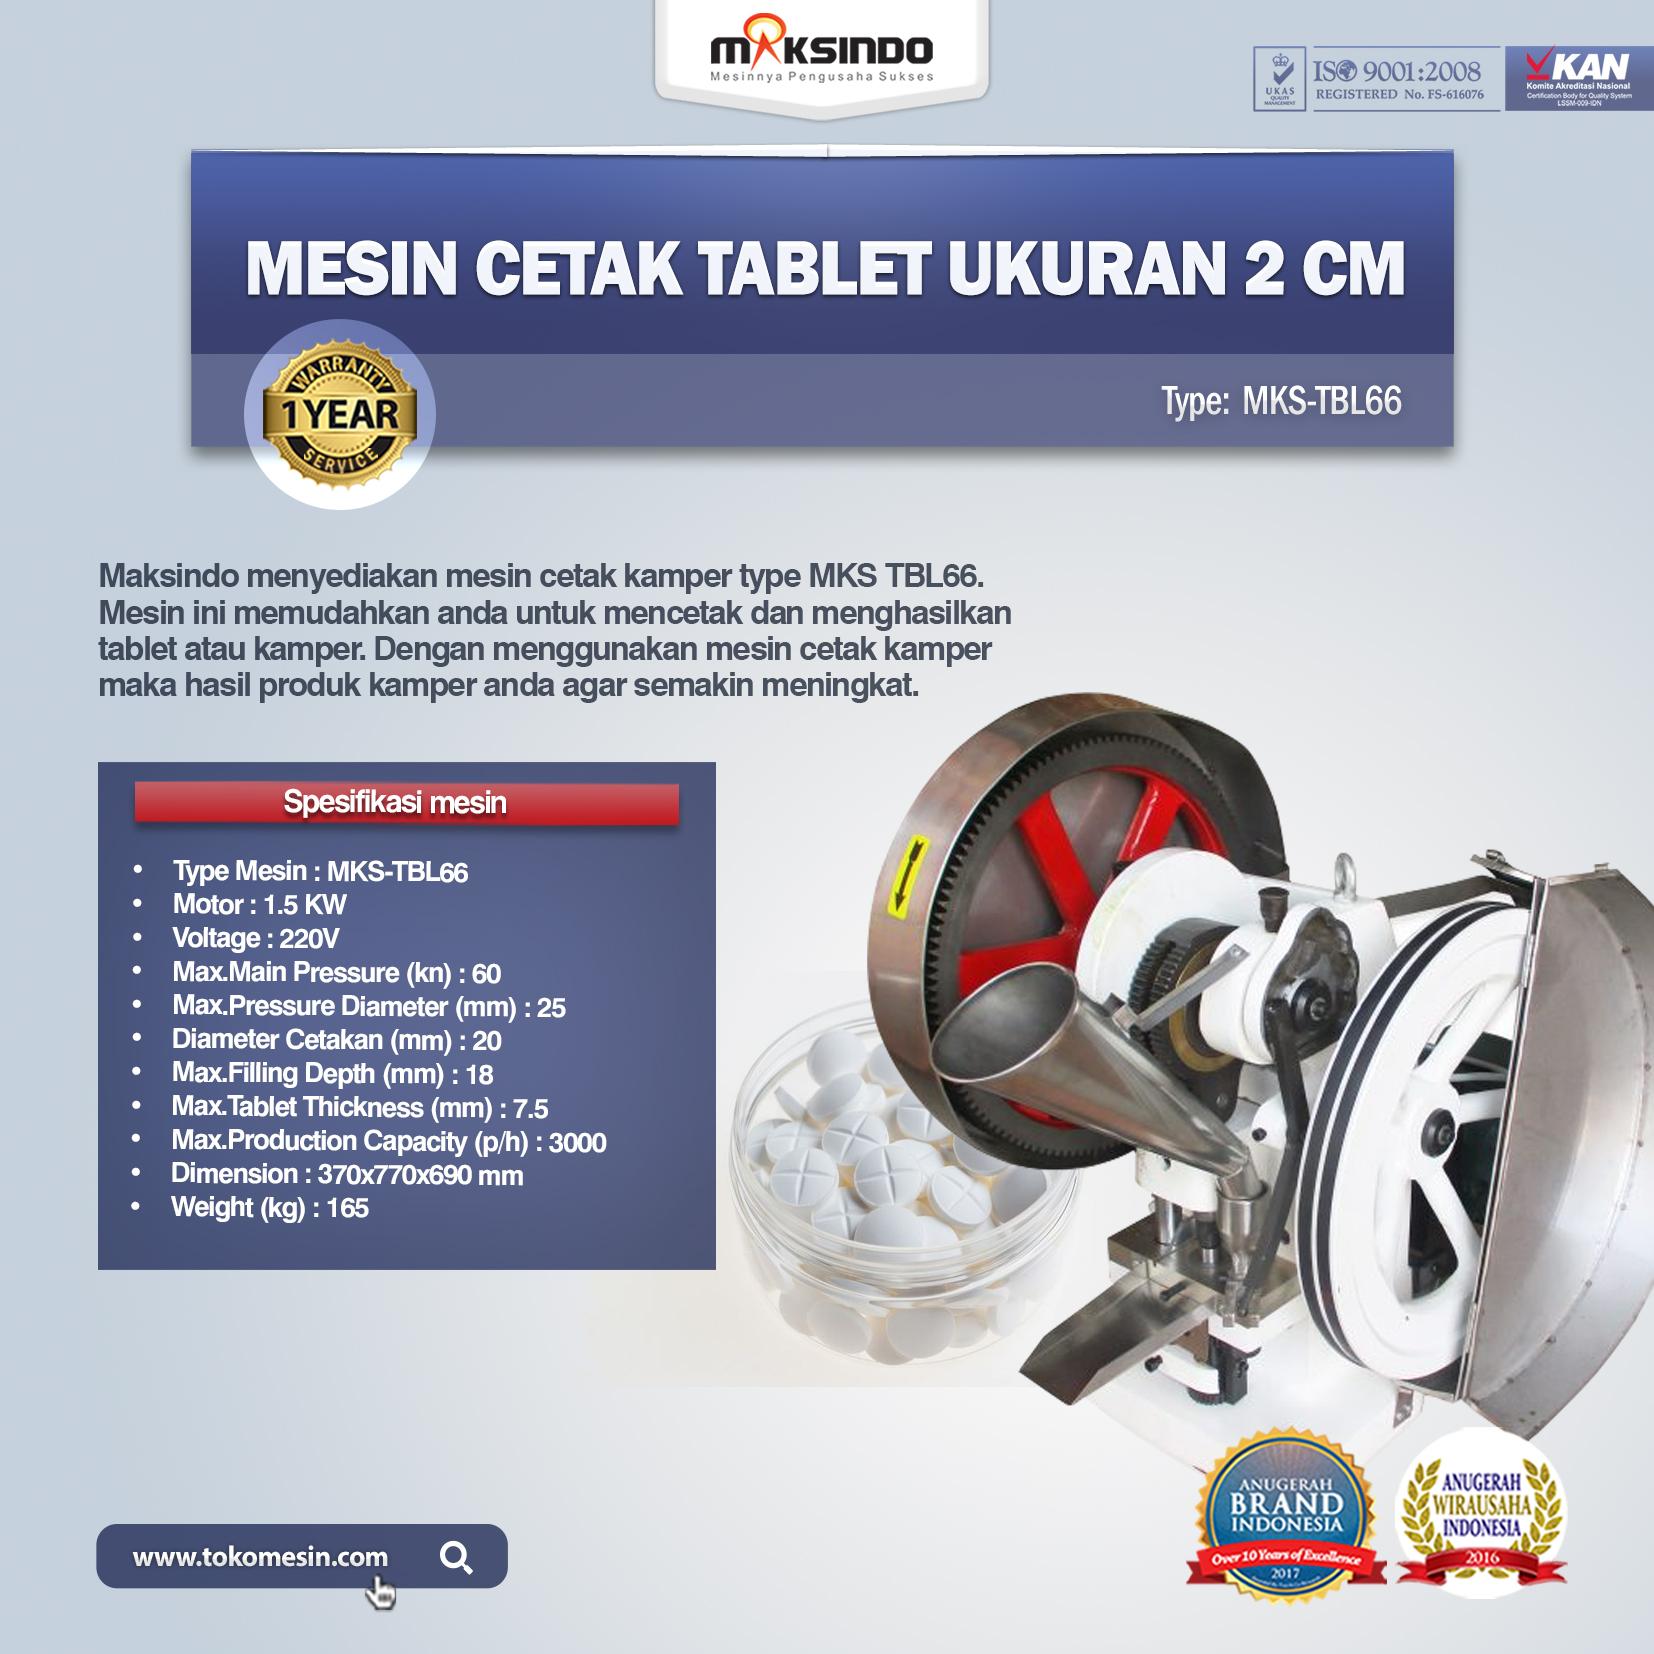 Mesin Cetak Tablet Ukuran 2 Cm MKS-TBL66